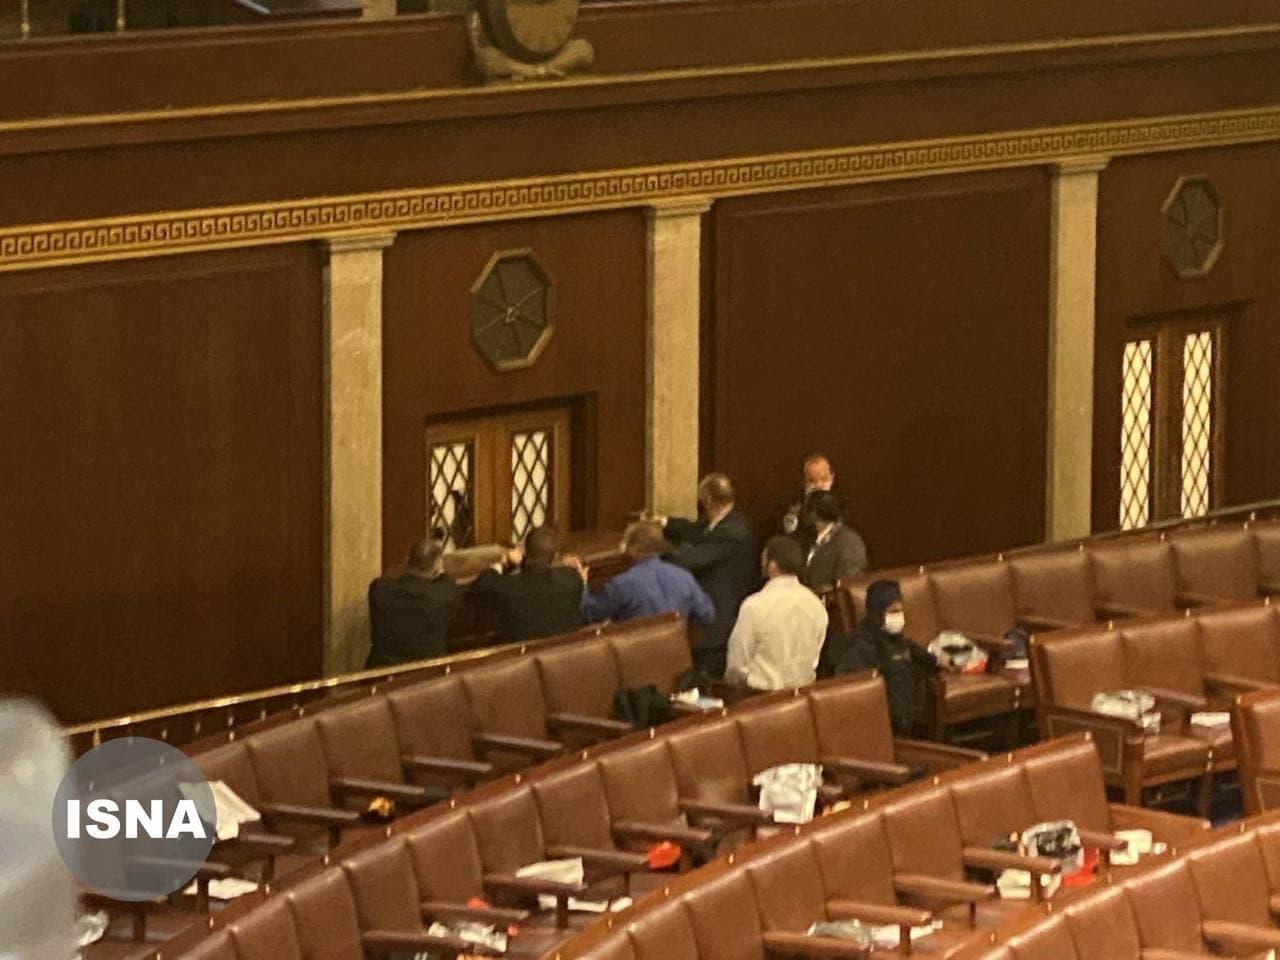 حمله حامیان ترامپ به ساختمان کنگره امریکا/مجلس سنا در تسخیر معترضین